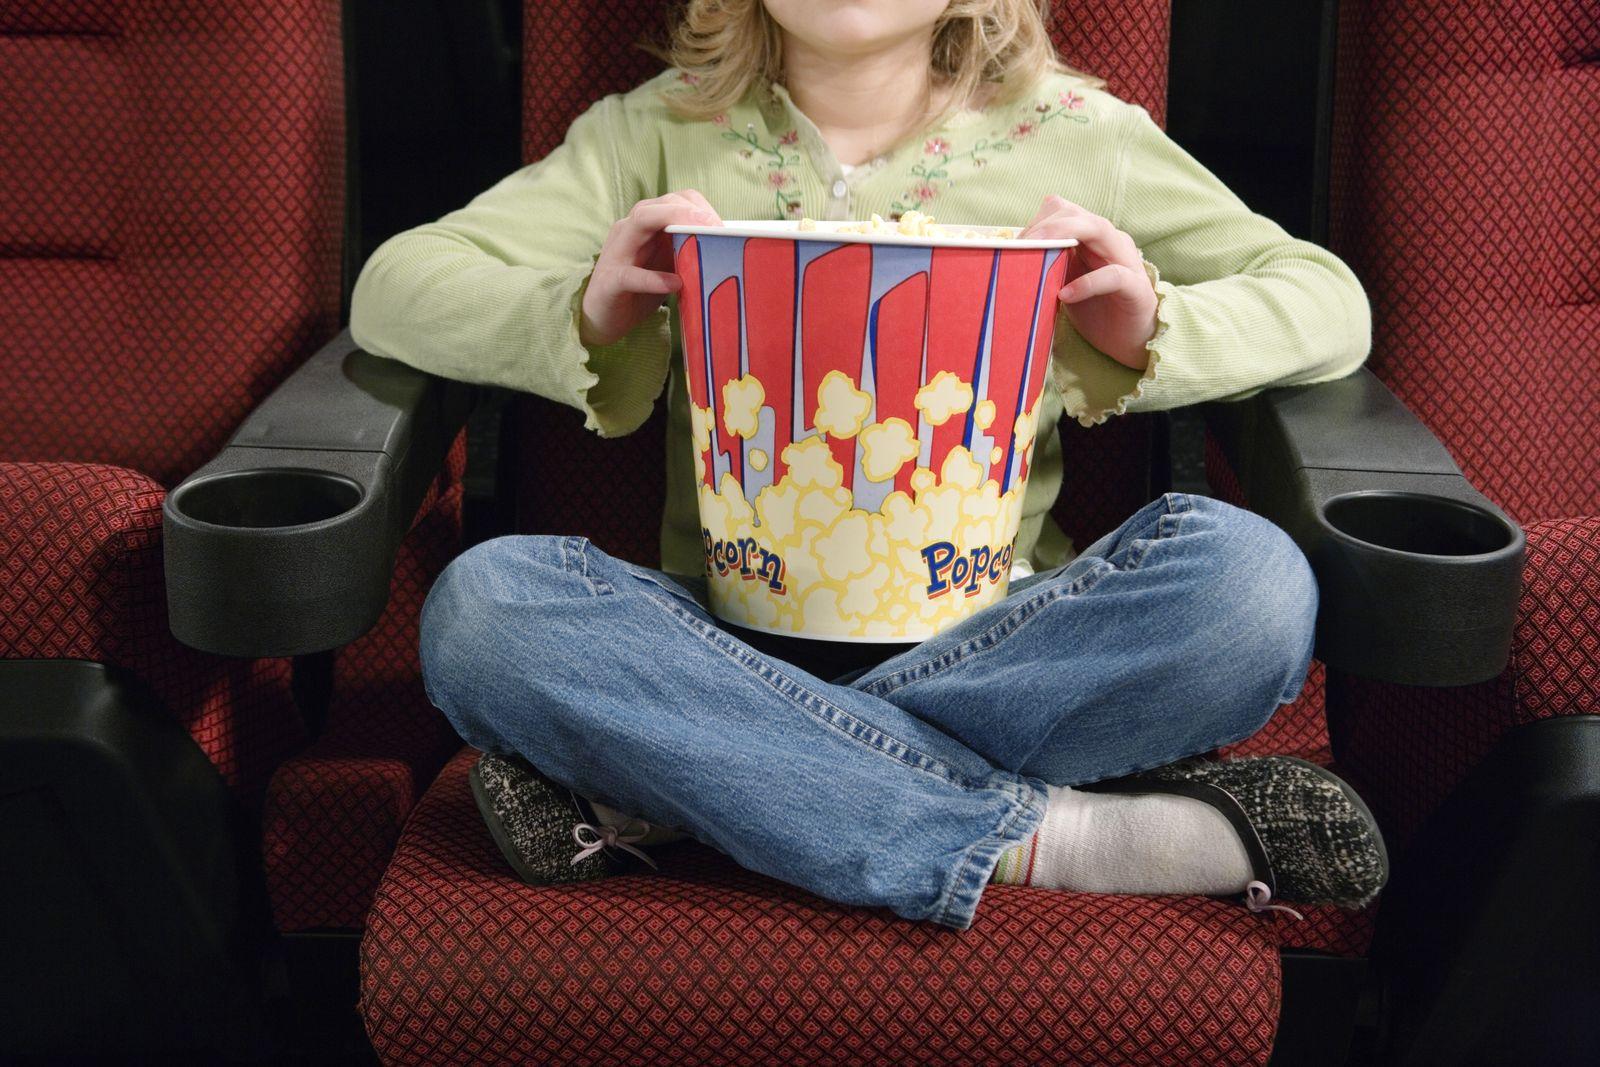 NICHT MEHR VERWENDEN! - Popcorn / Kino